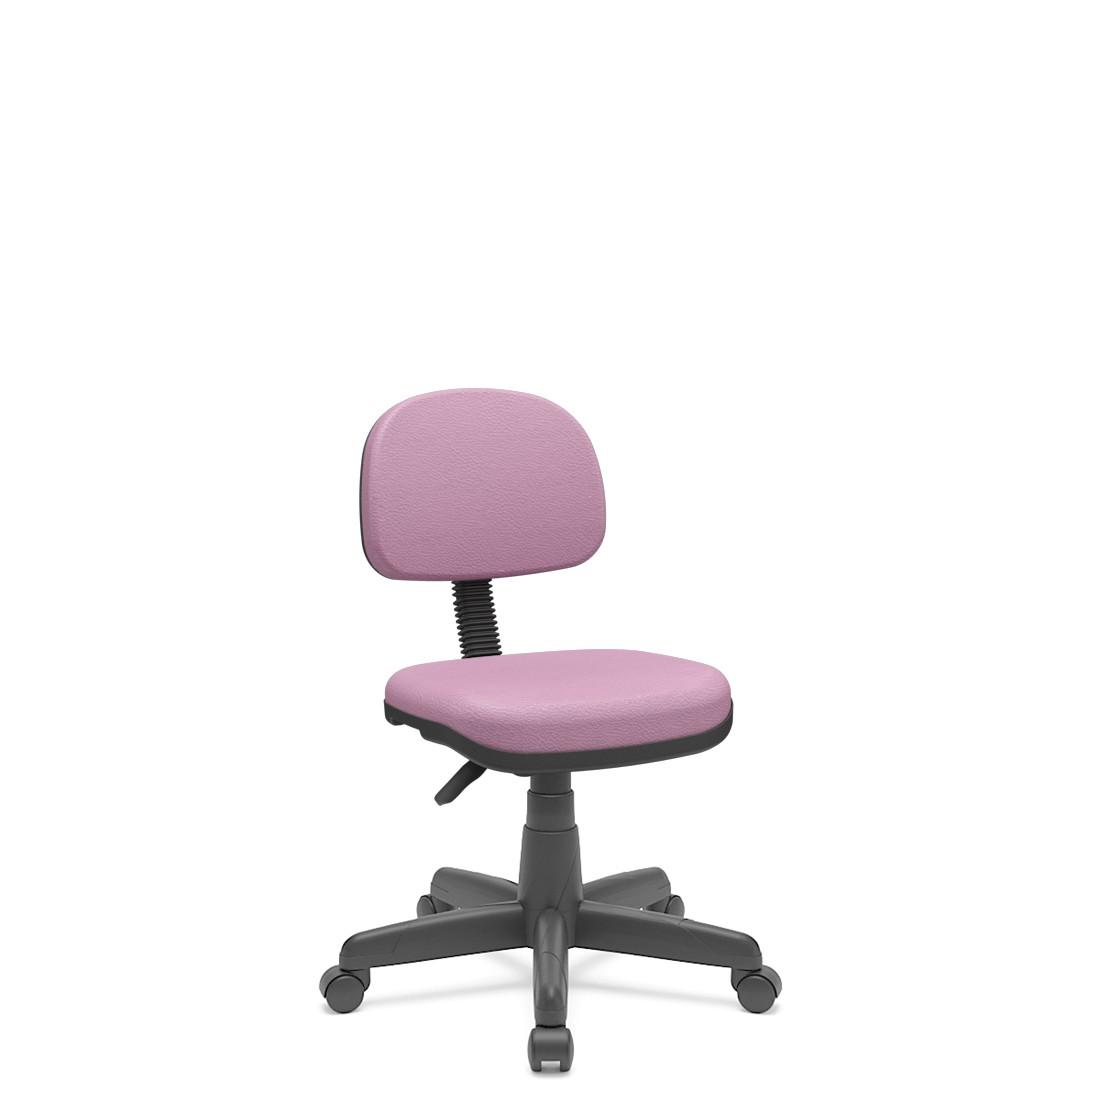 Cadeira Secretária Giratória Em couro ecológico Com Base Preta Plaxmetal - Lilas